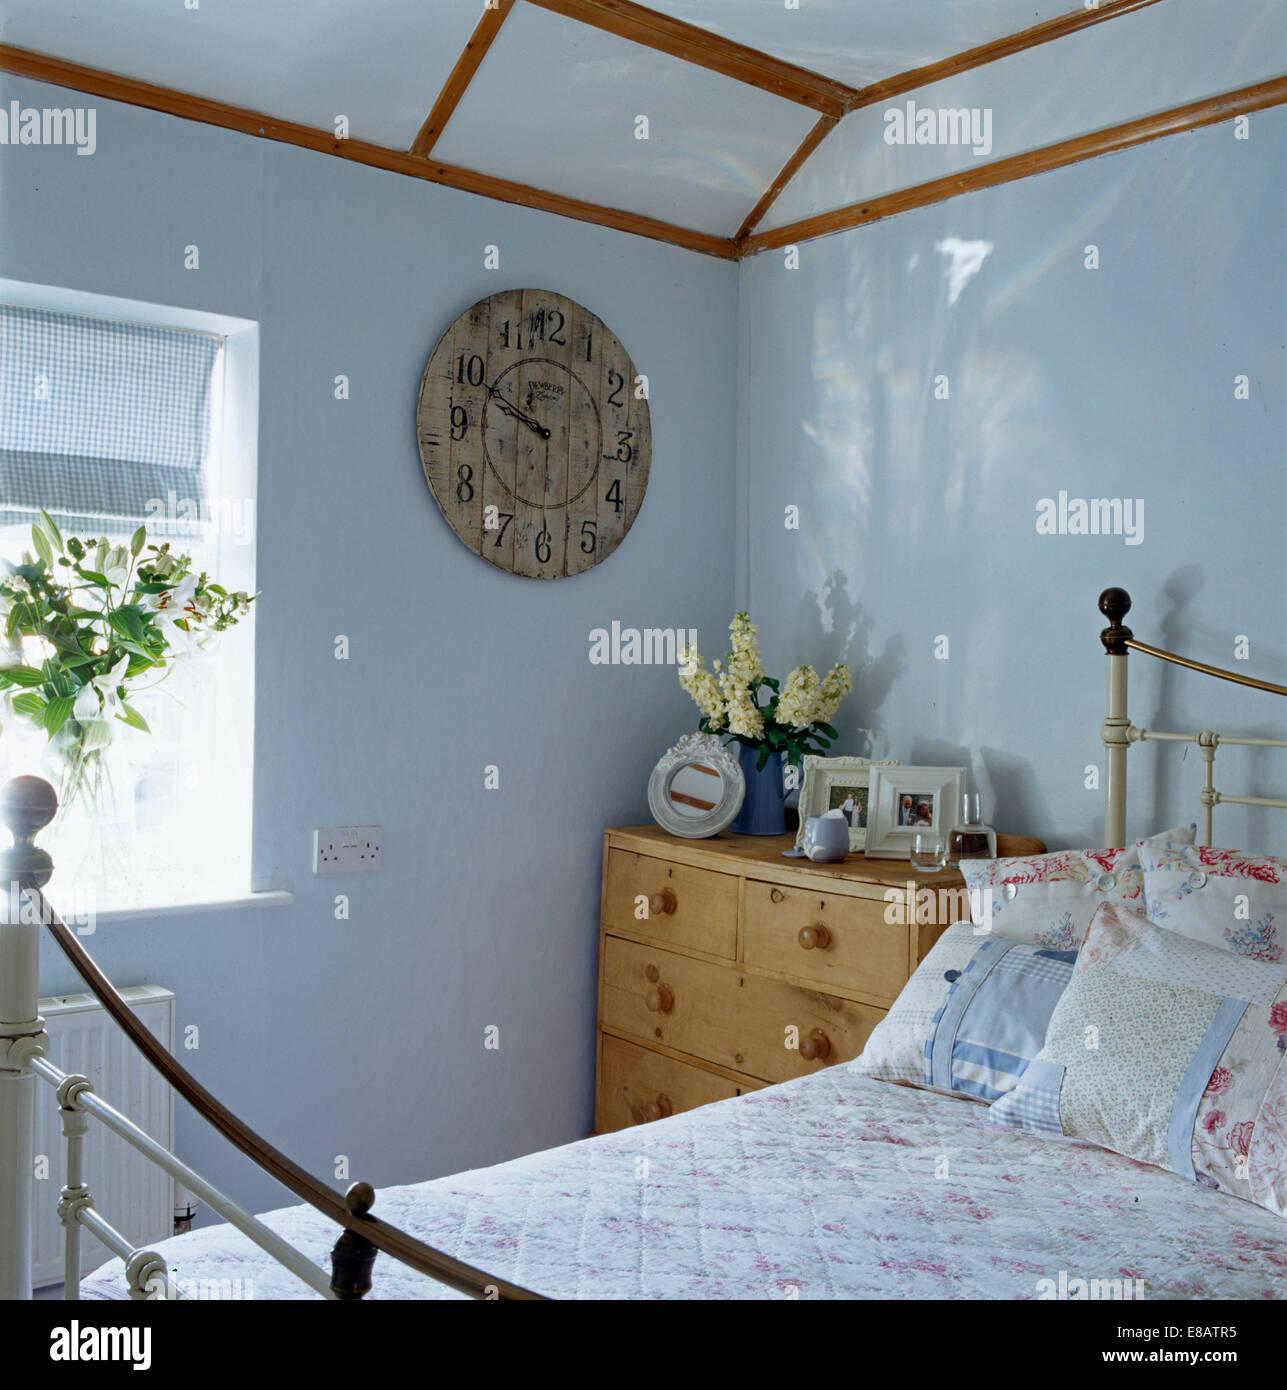 Alte Runde Holzerne Uhr An Wand In Blass Blaues Haus Schlafzimmer